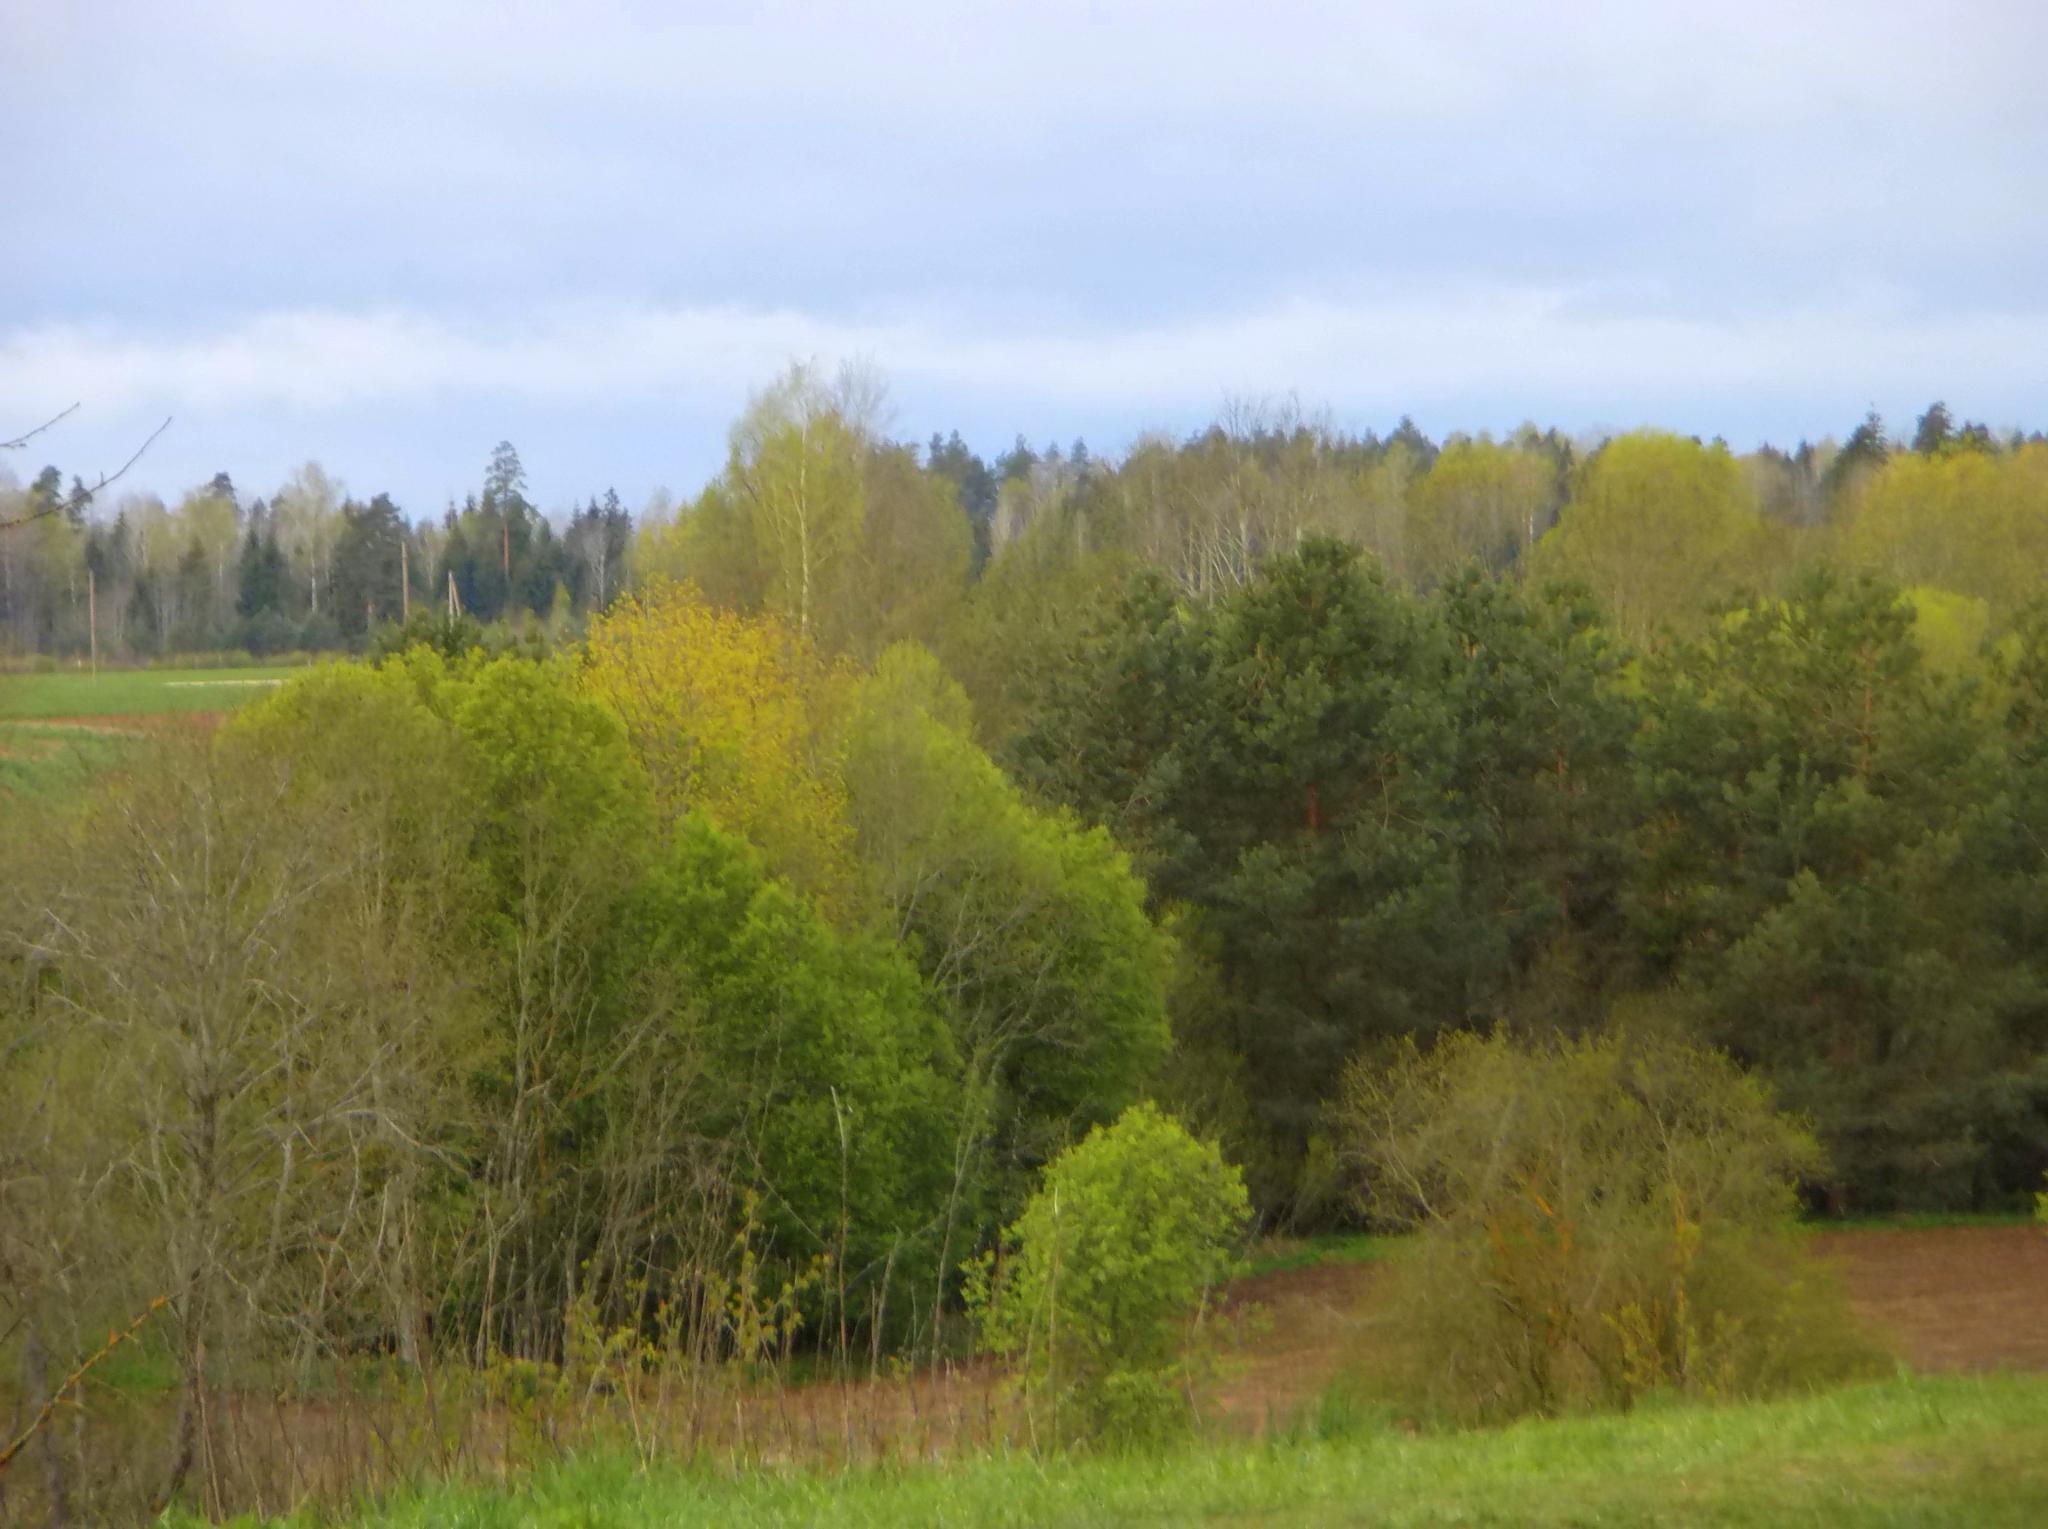 Riverside trees by Zita Užkuraitienė